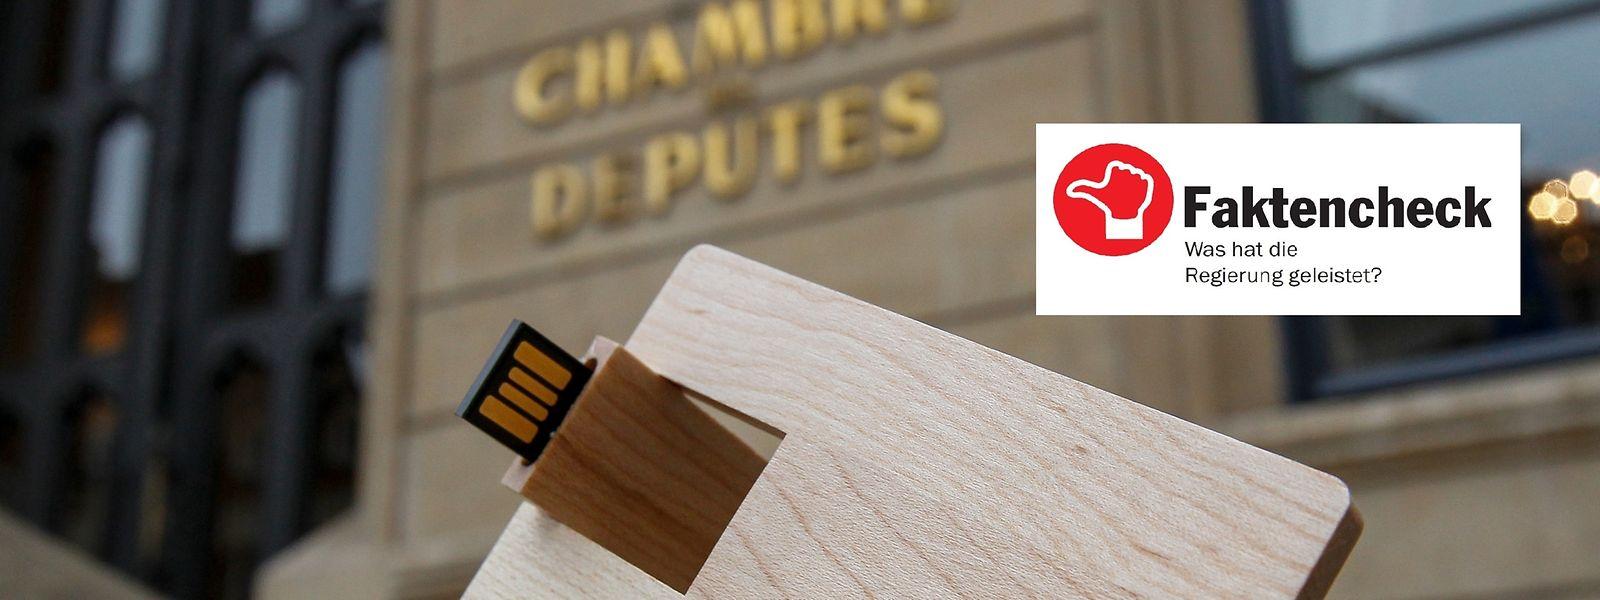 Der 2016er Haushaltsentwurf war auf einem in Holz gefassten USB-Stick abgespeichert.